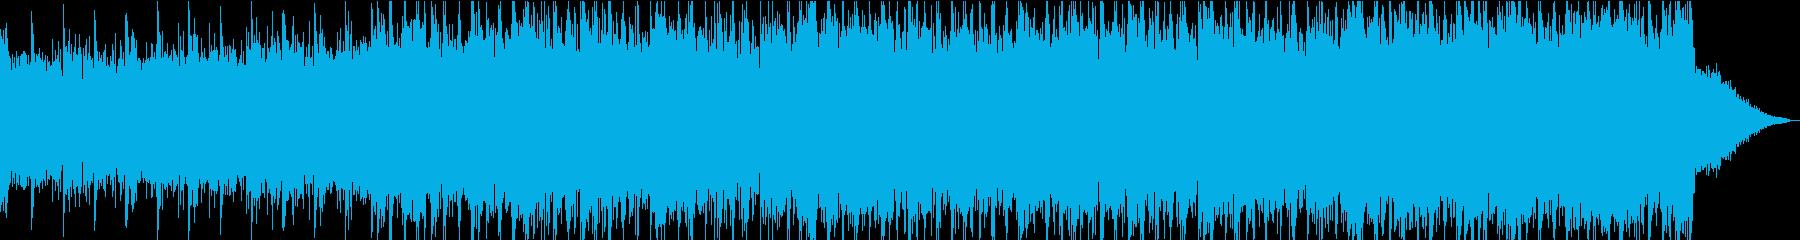 和風幻想曲で静かに始まり情熱的な曲への再生済みの波形